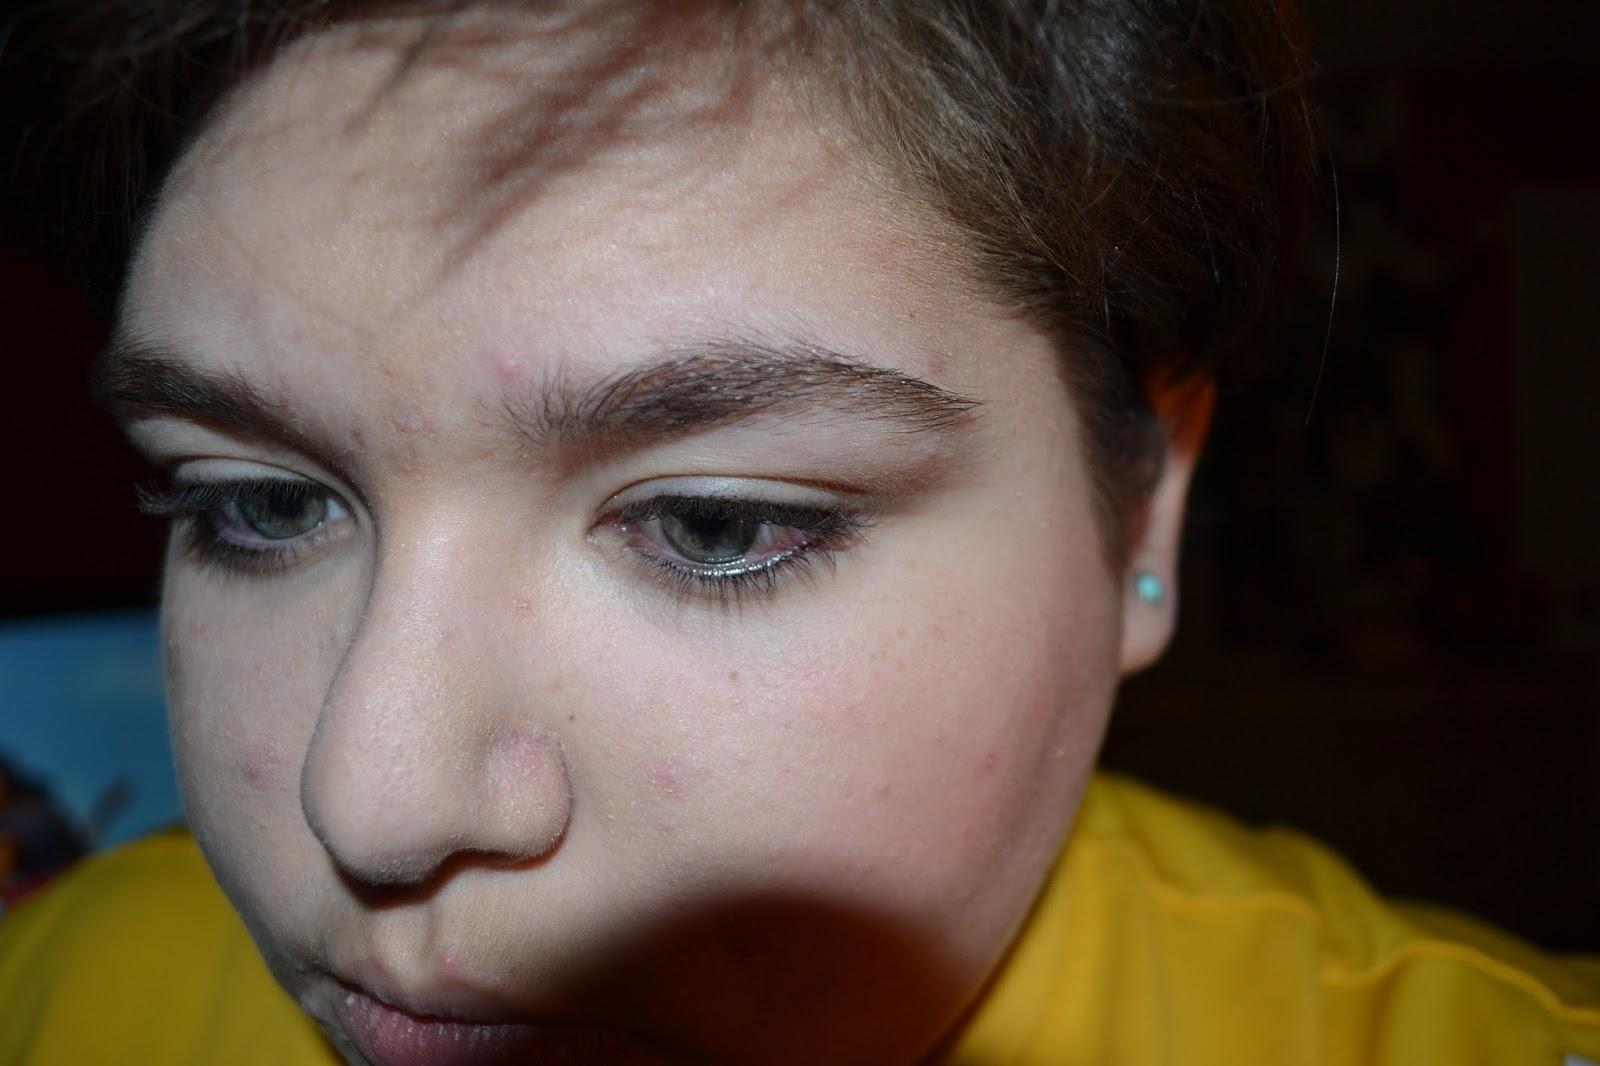 Maegan's Makeup Bag: Lady Gaga 'Judas' Makeup Tutorial